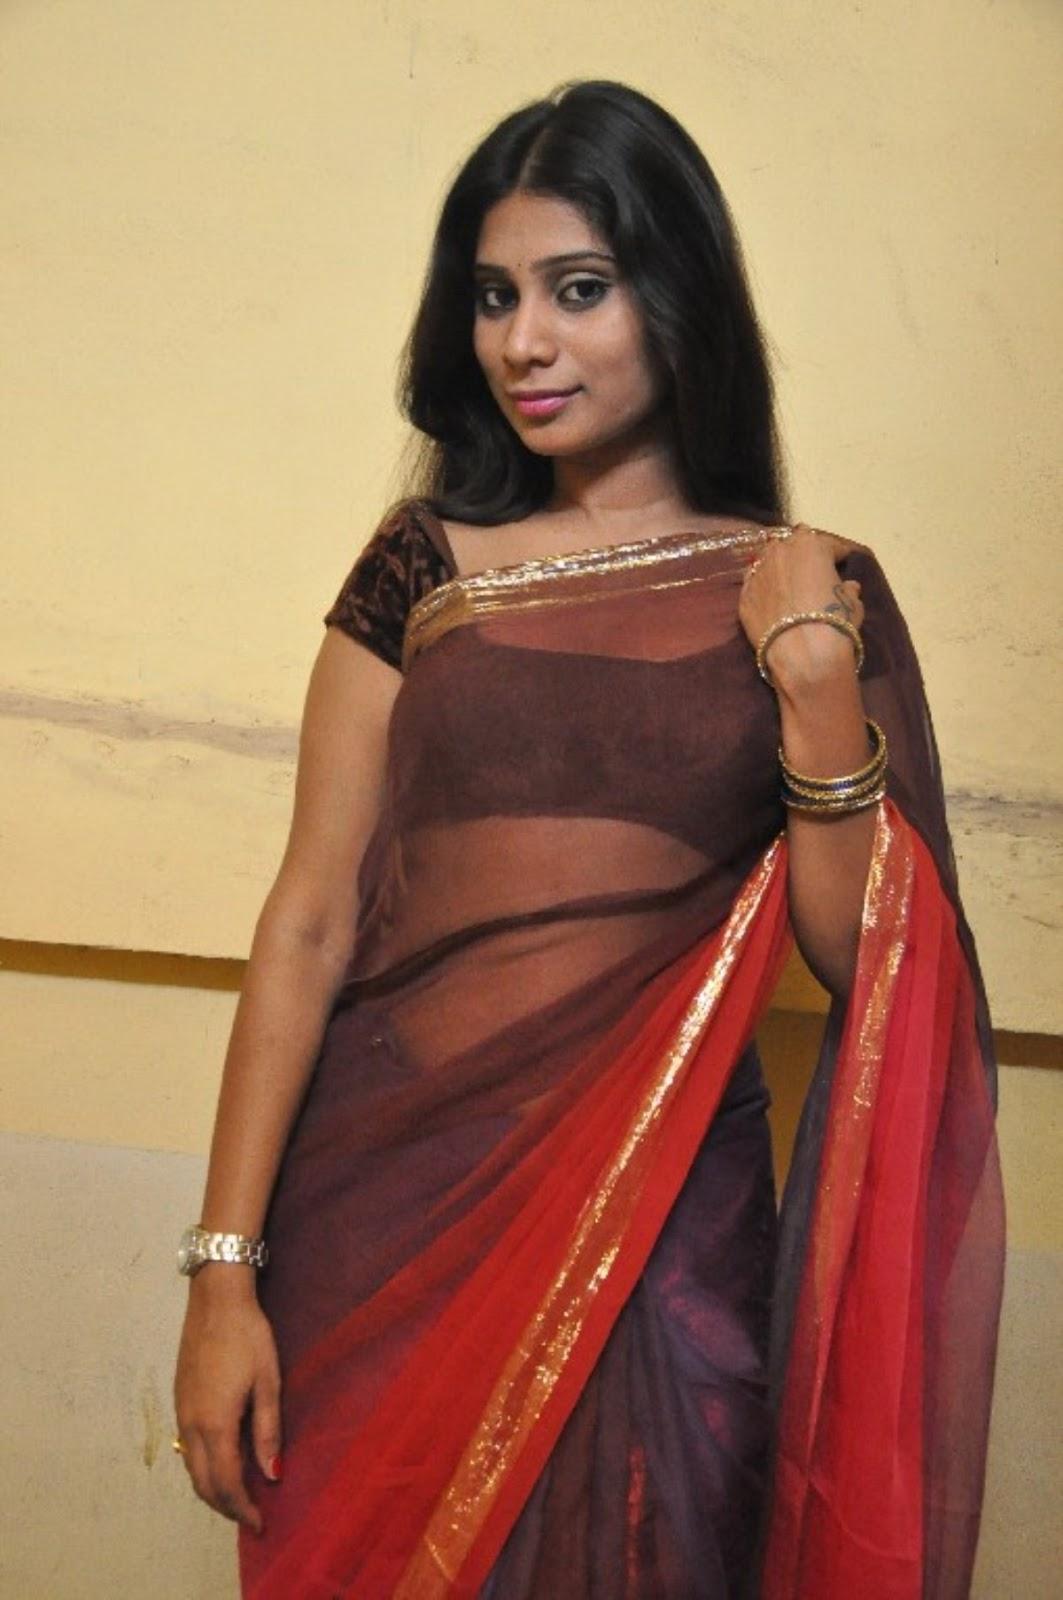 Saree Navel: Midhuna Waliya Hot Navel Show Photos In Transparent Saree